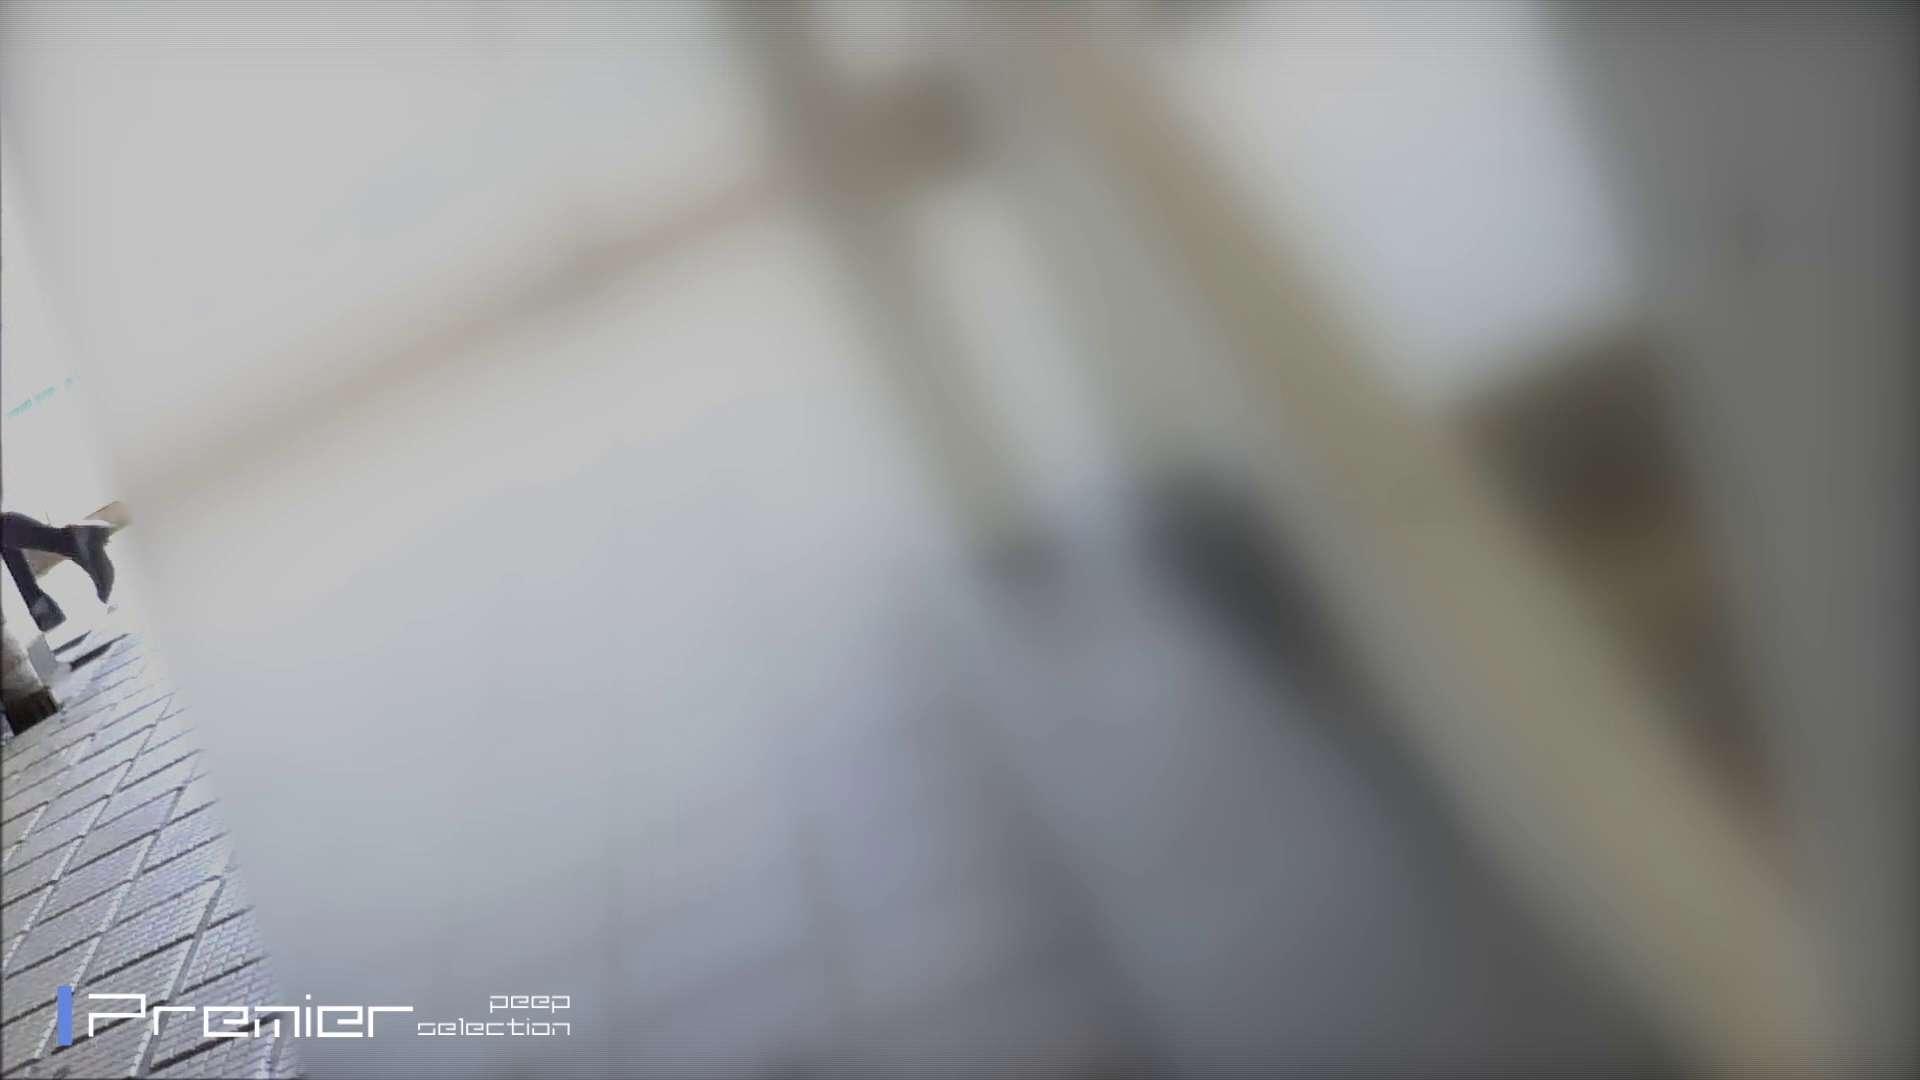 FHD激カワ!激やば! 復讐のトイレ盗撮 Vol.03 丸見え われめAV動画紹介 51画像 29